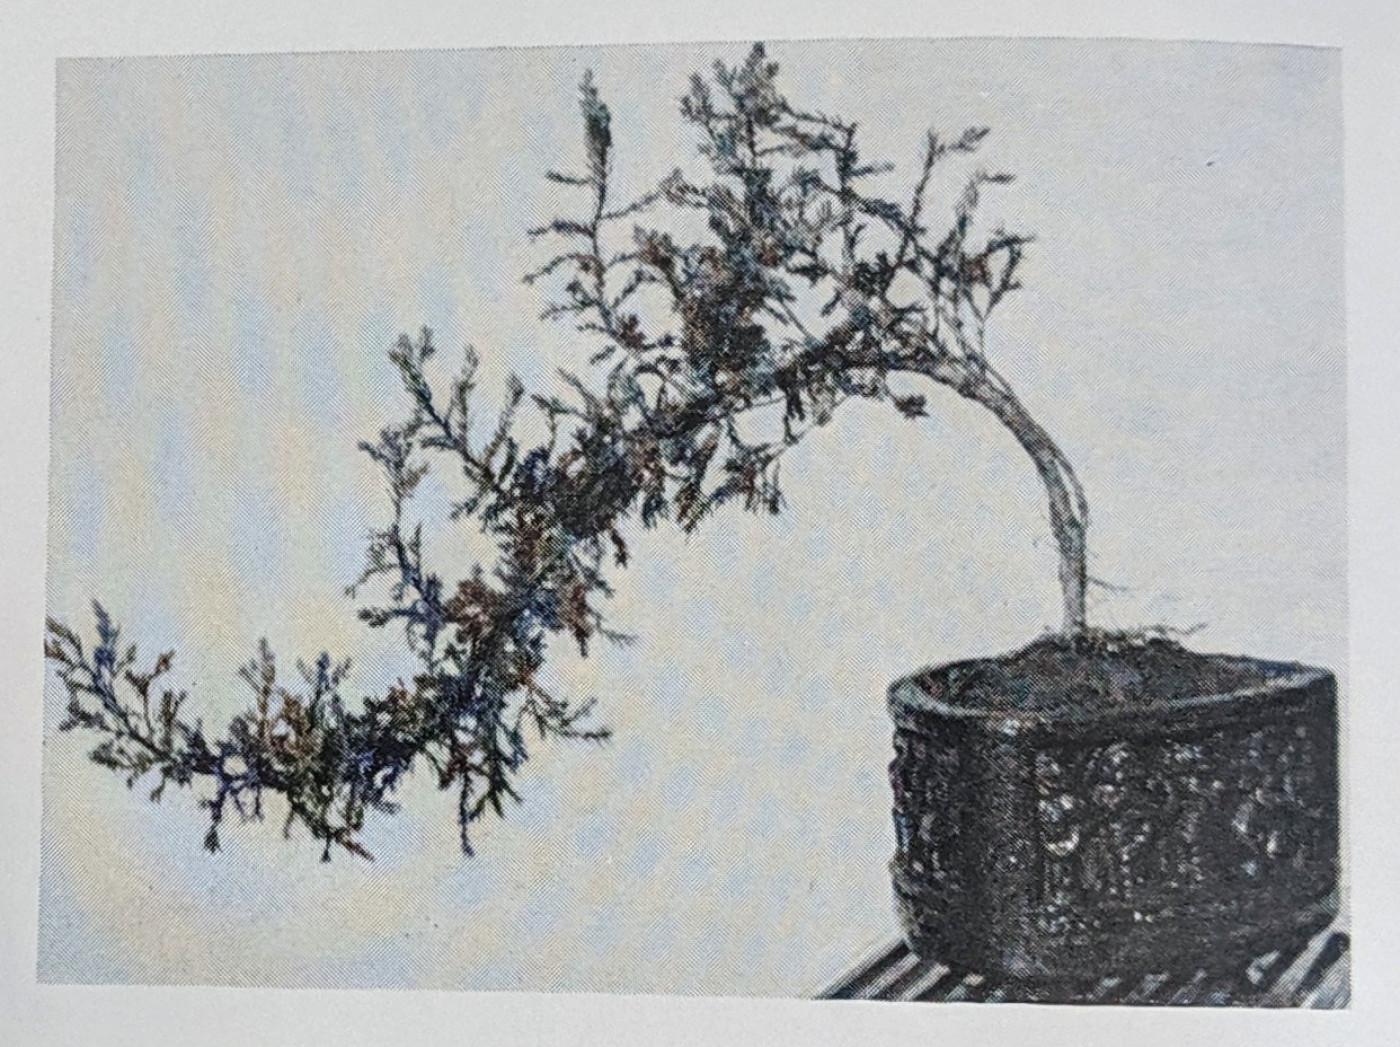 Bonsai plant belonging to Surveyor Mr Singh in Yamunanagar, India